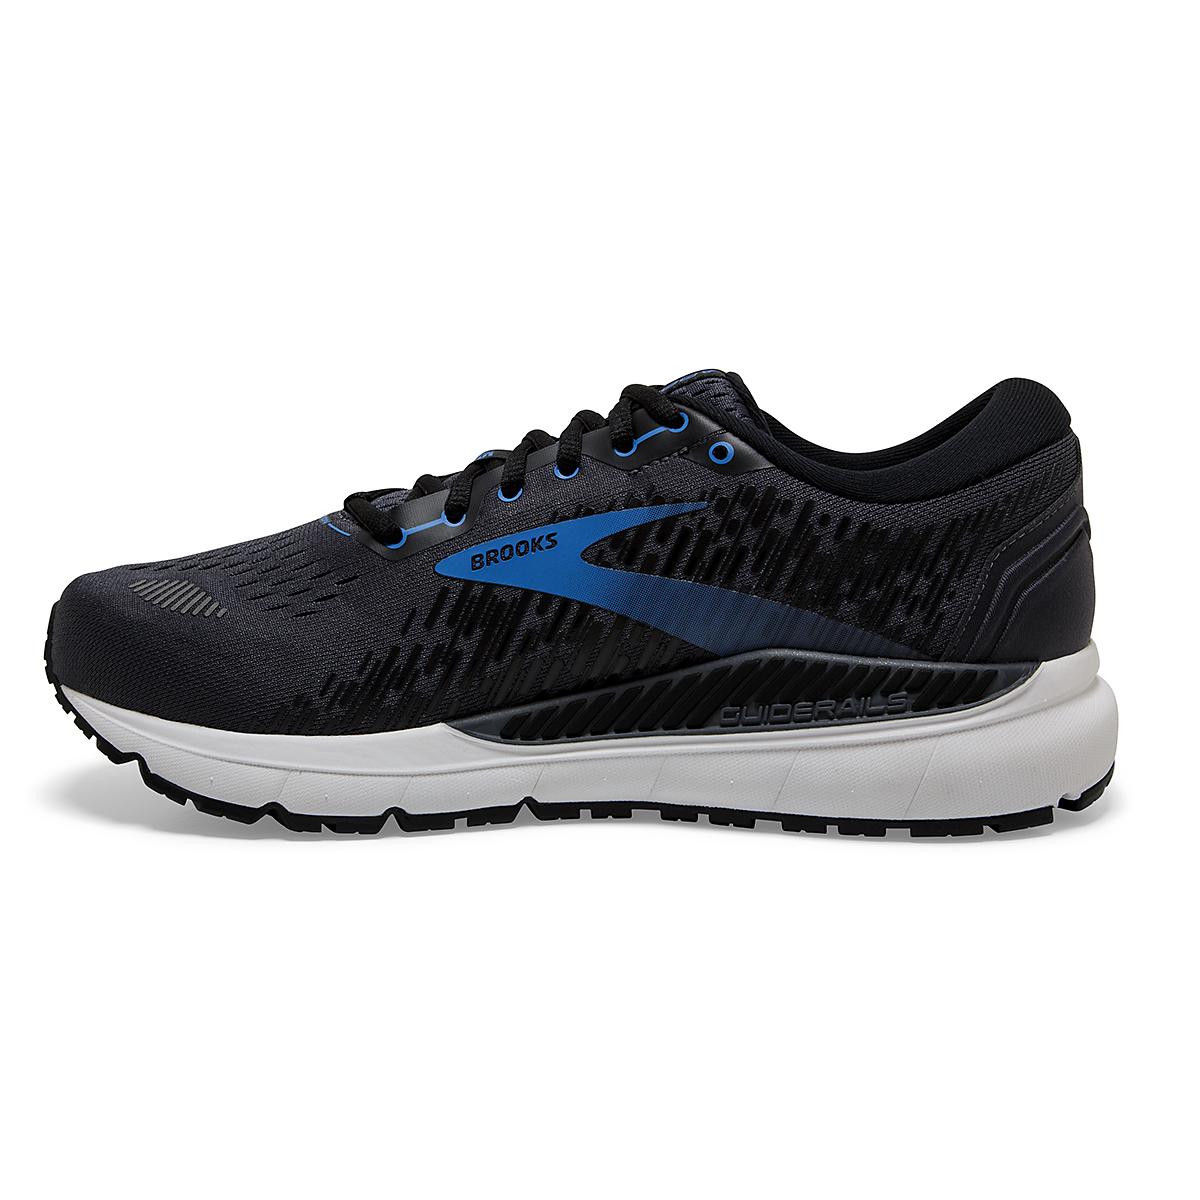 Men's Brooks Addiction GTS 15 Running Shoe - Color: India Ink/Black/Blue - Size: 7 - Width: Regular, India Ink/Black/Blue, large, image 2